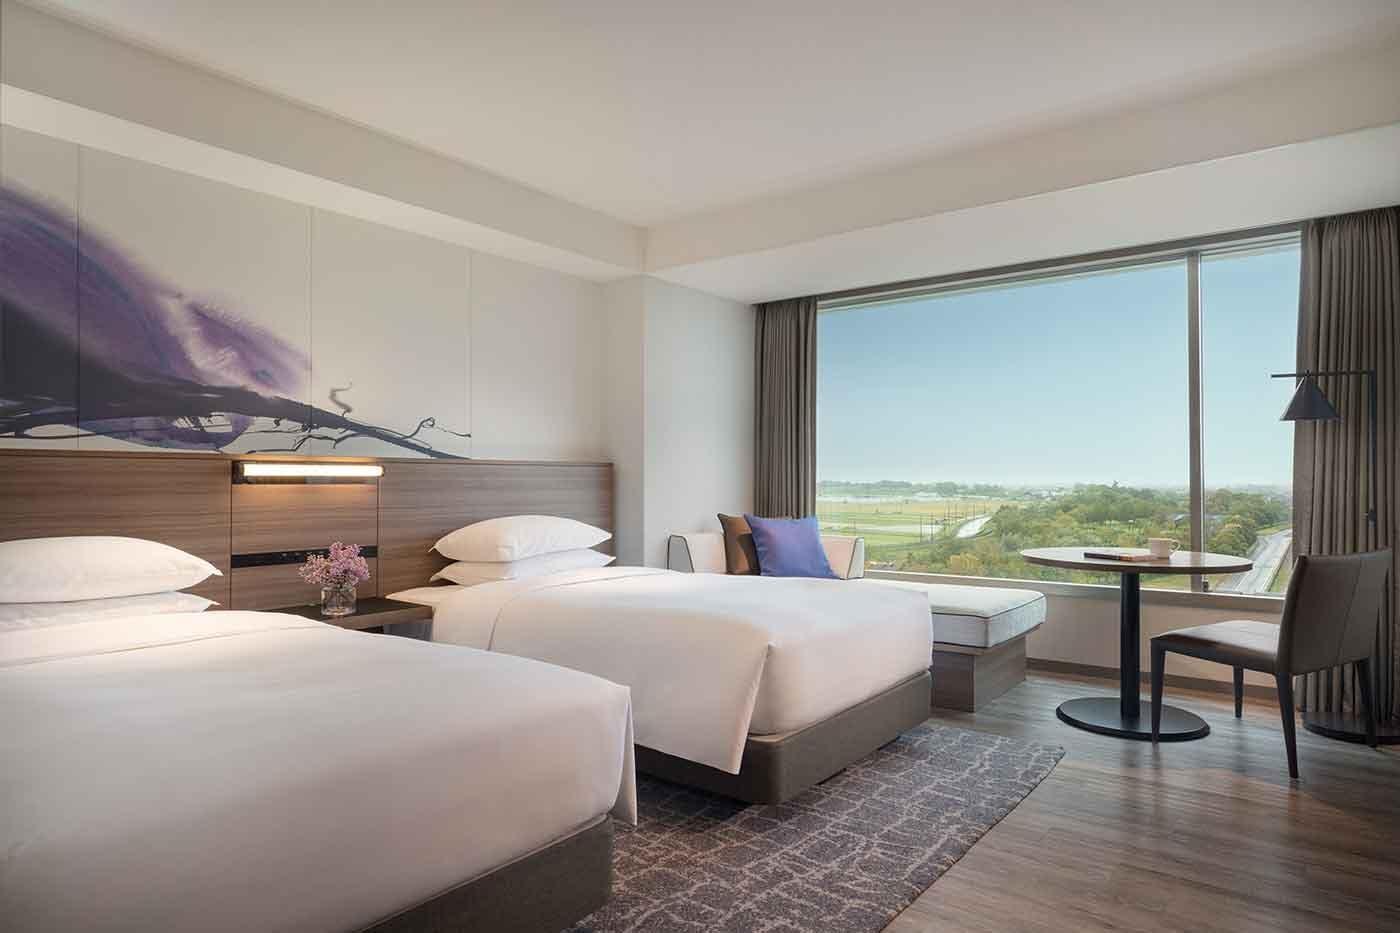 琵琶湖マリオットホテルのドッグフレンドリールーム